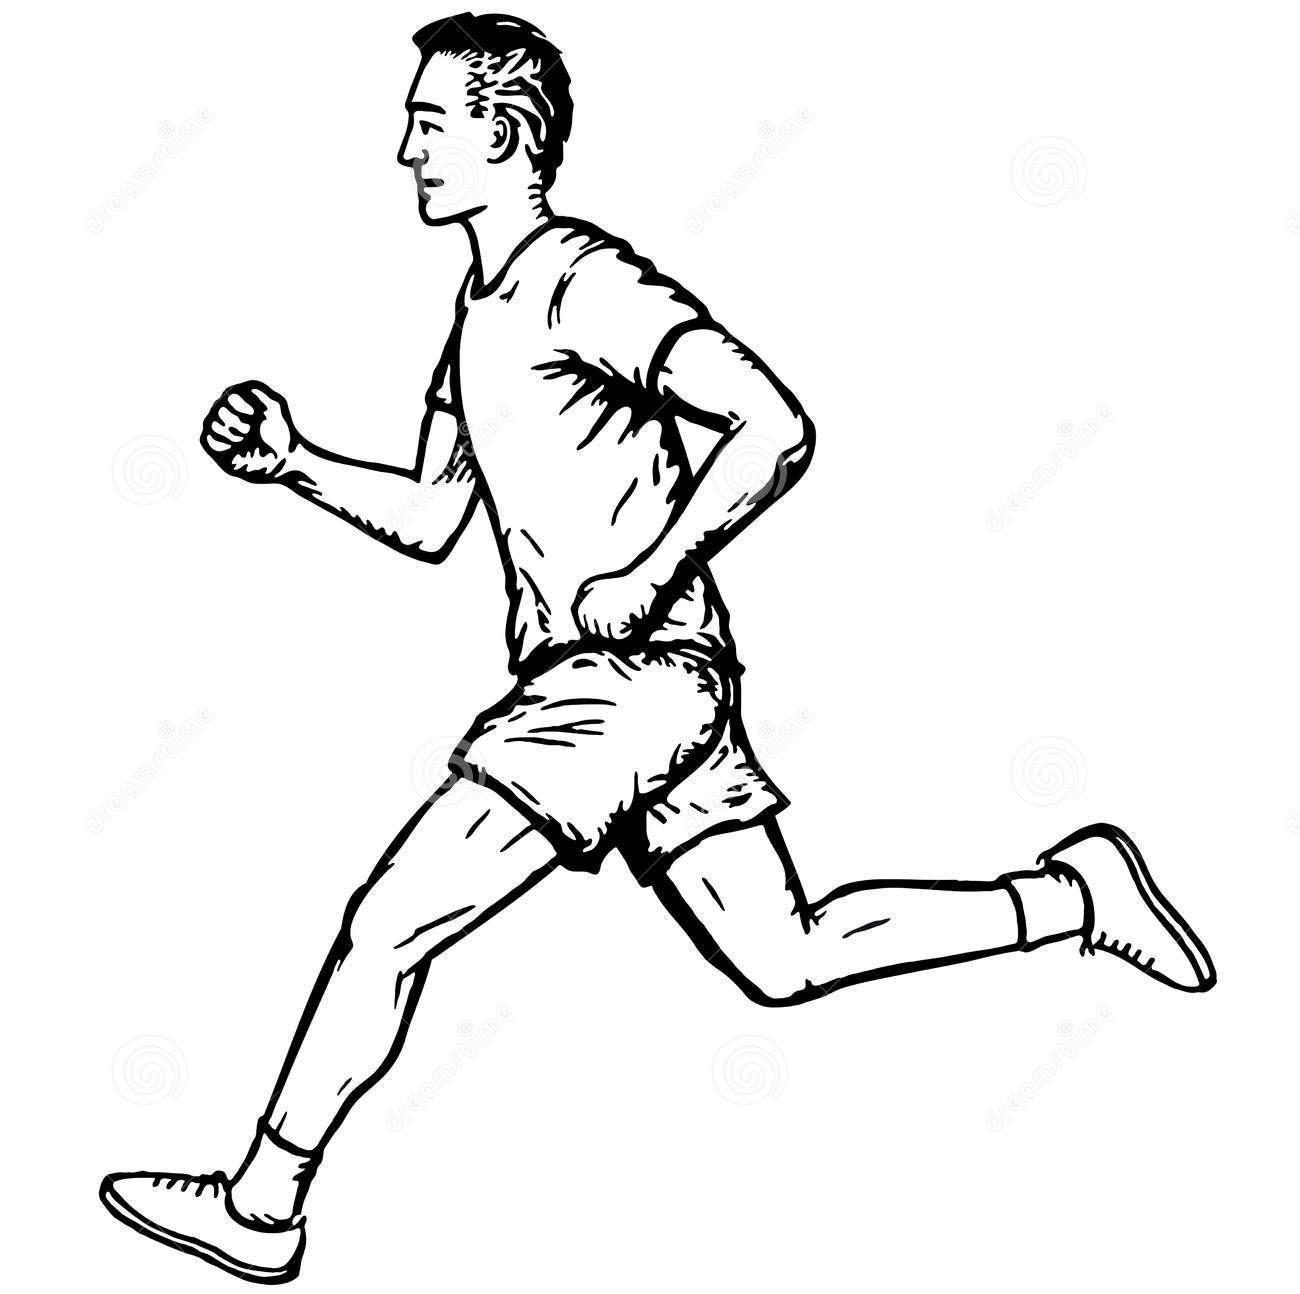 Running-1528114250.jpg